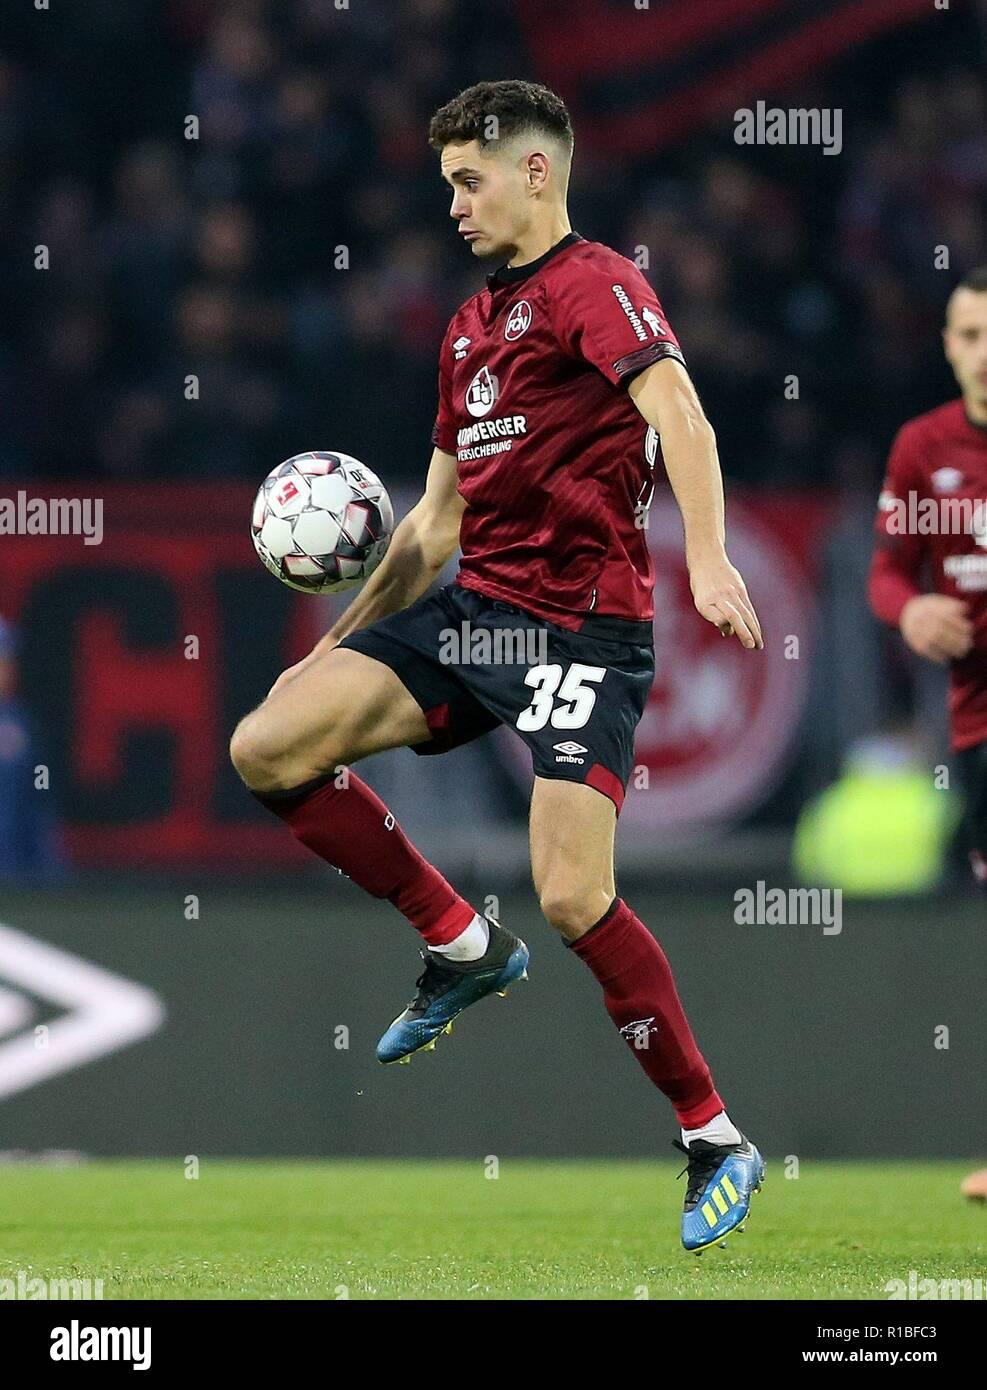 firo: 10.11.2018, Fuvuball, 1.Bundesliga, season 2018/2019, 1.FC Nvrnberg - VFB Stuttgart 0: 2, Alexander Fuchs, 1.FC Nvrnberg, FCN, Nvrnberg, single action | usage worldwide - Stock Image